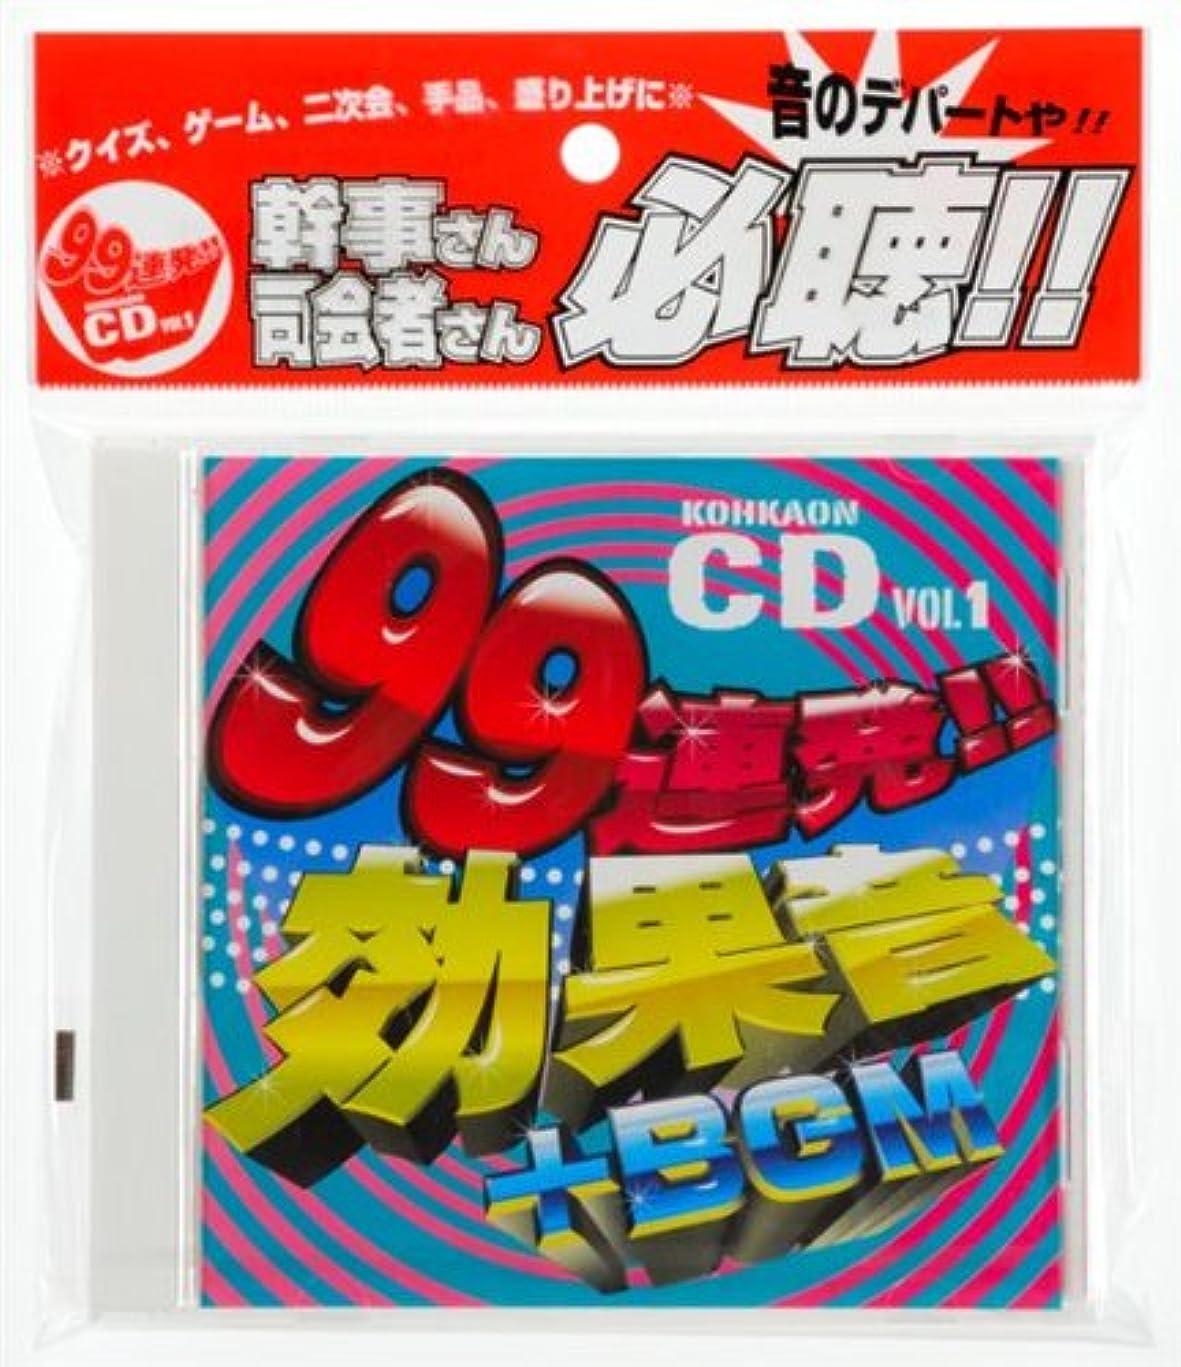 相手支払う高揚した効果音CD 99連発